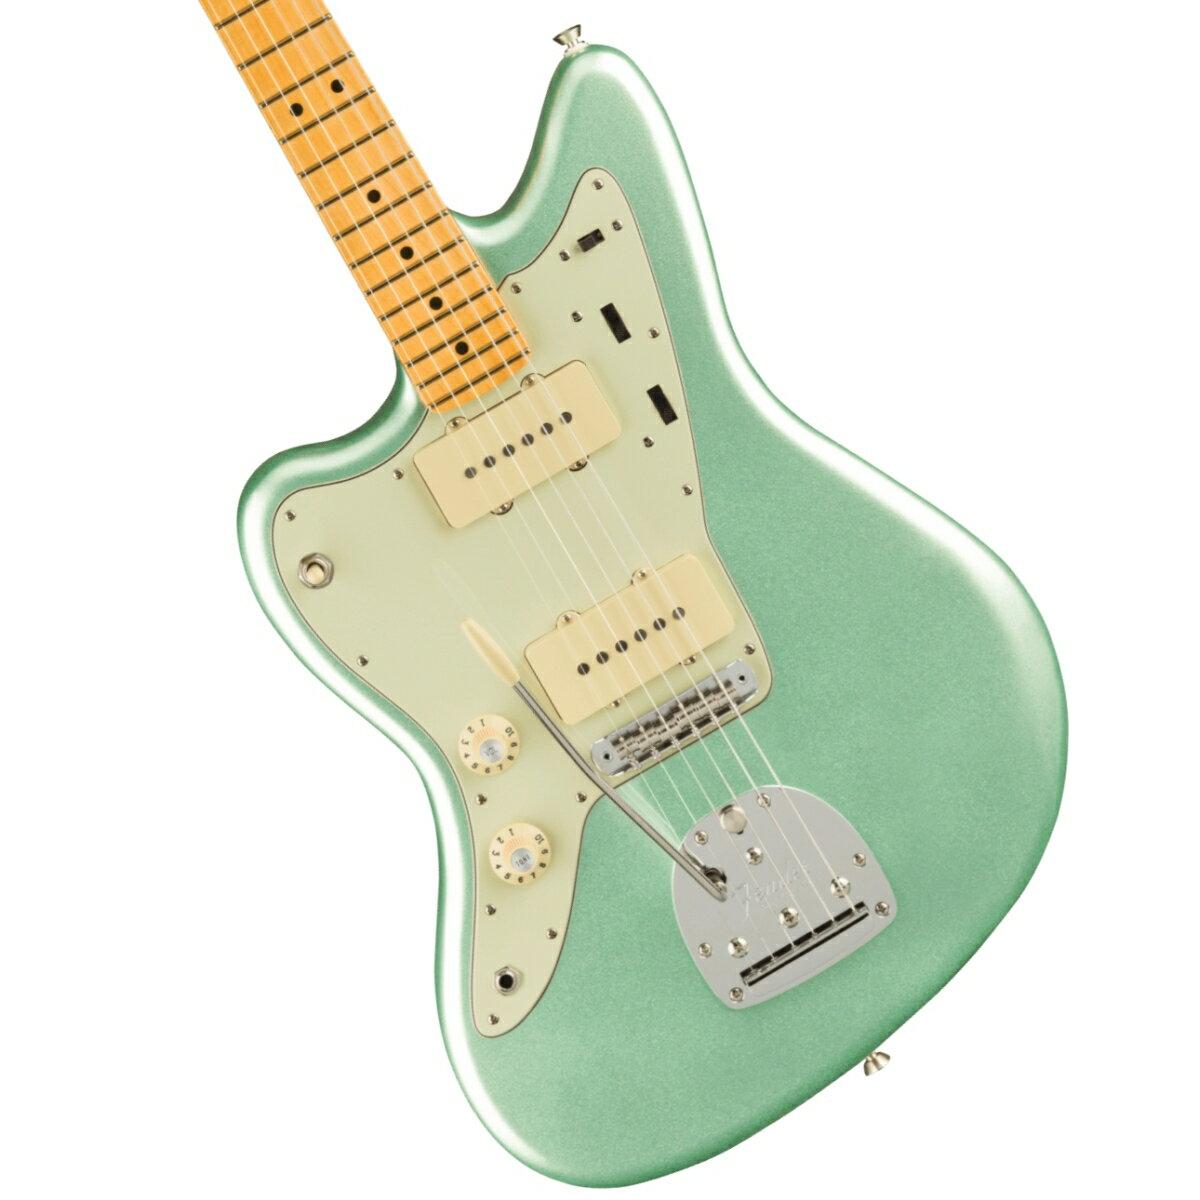 ギター, エレキギター Fender American Professional II Jazzmaster Left-Hand Maple Fingerboard Mystic Surf Green 1!2306619444005YRK